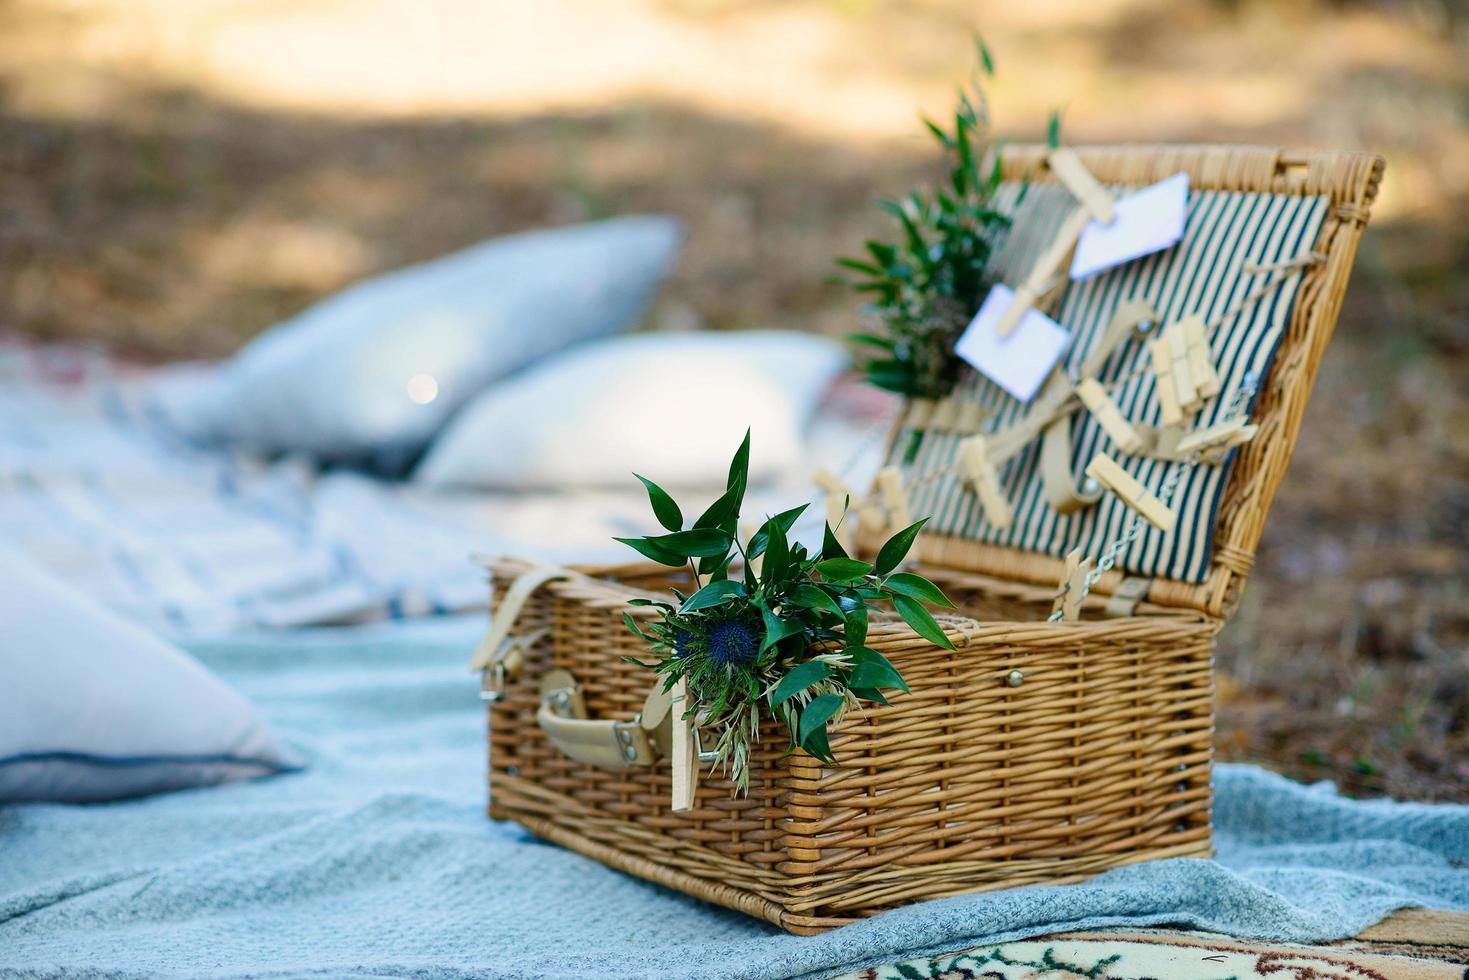 decorazioni per feste in stile boho nella foresta. decorazione della festa per una festa di addio al nubilato. foto